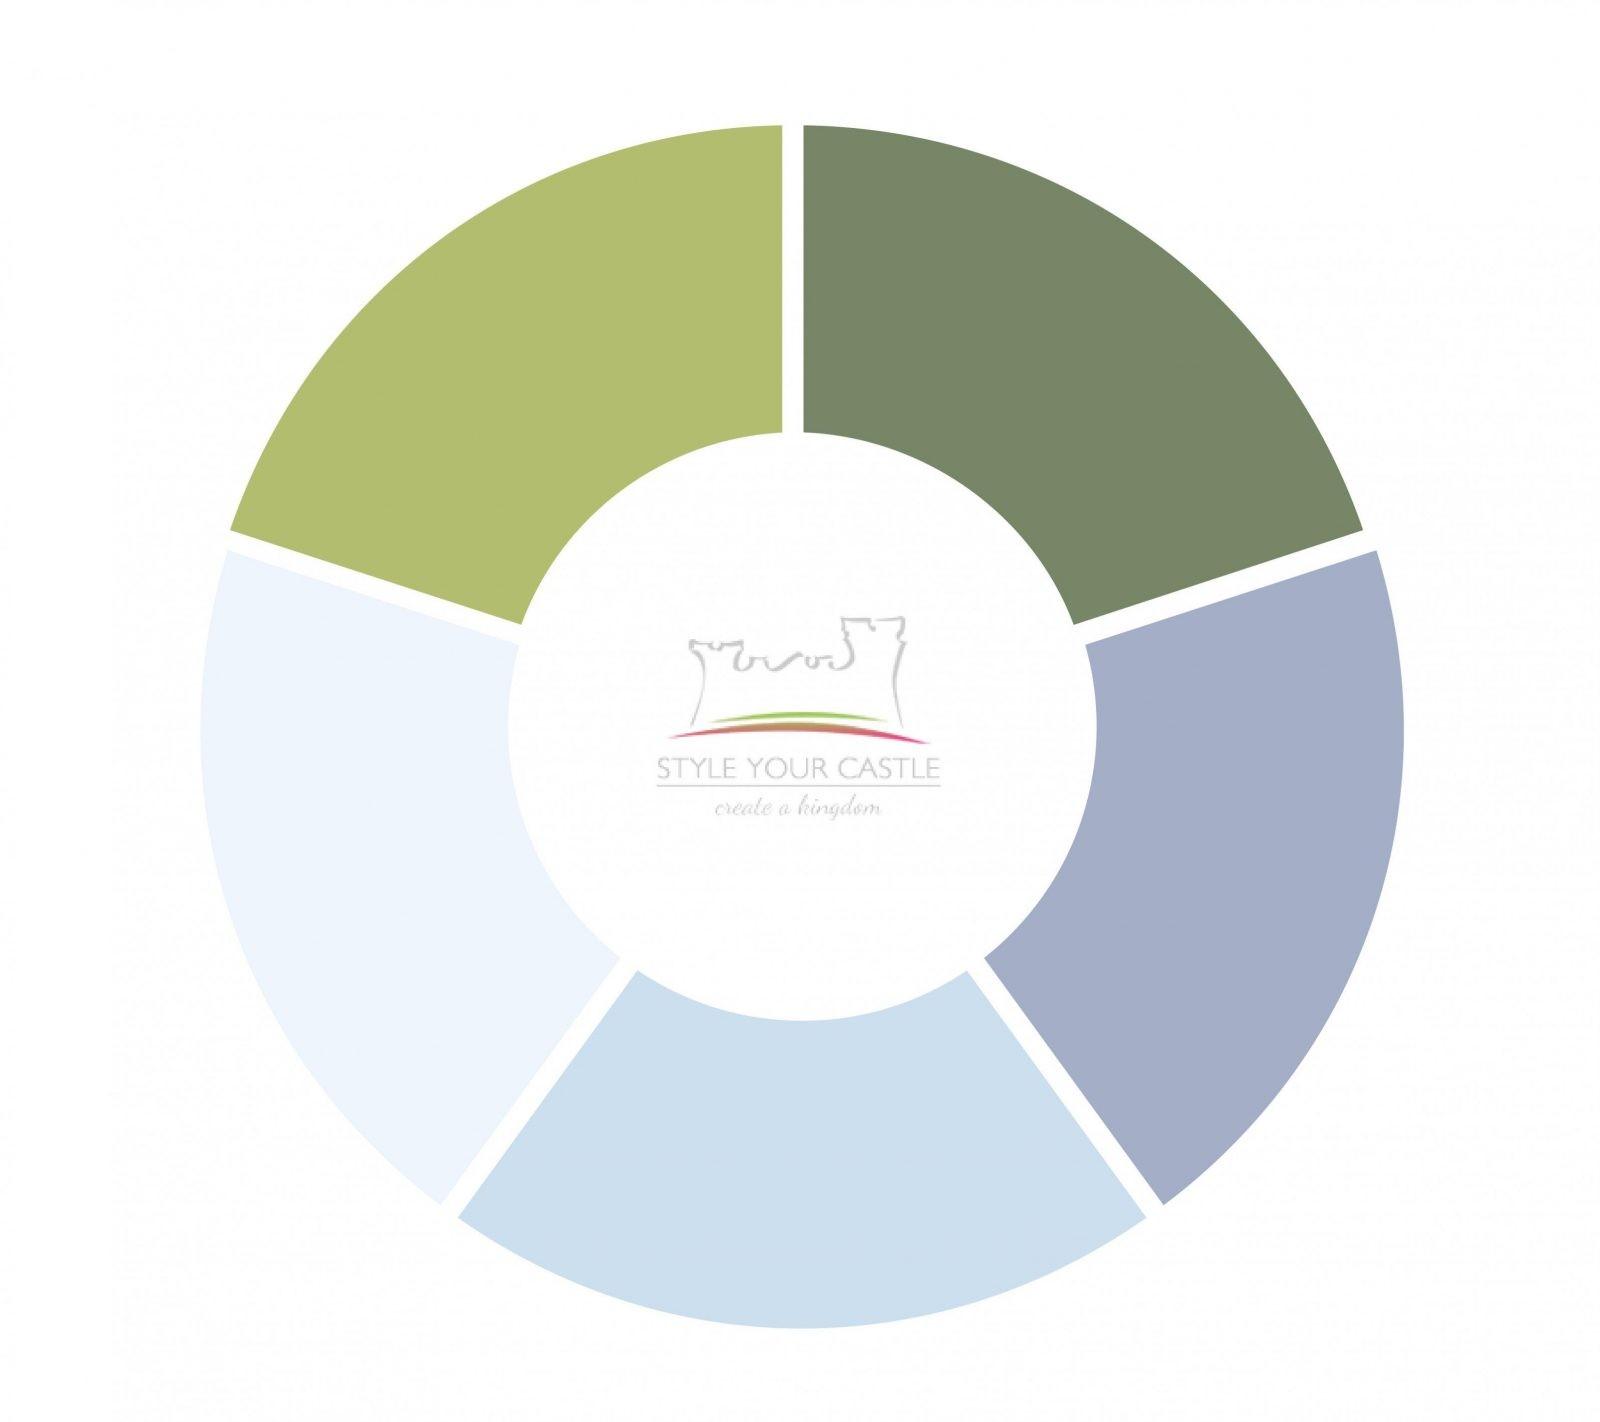 welche farben passen zusammen wohnen mit farbpalette. Black Bedroom Furniture Sets. Home Design Ideas